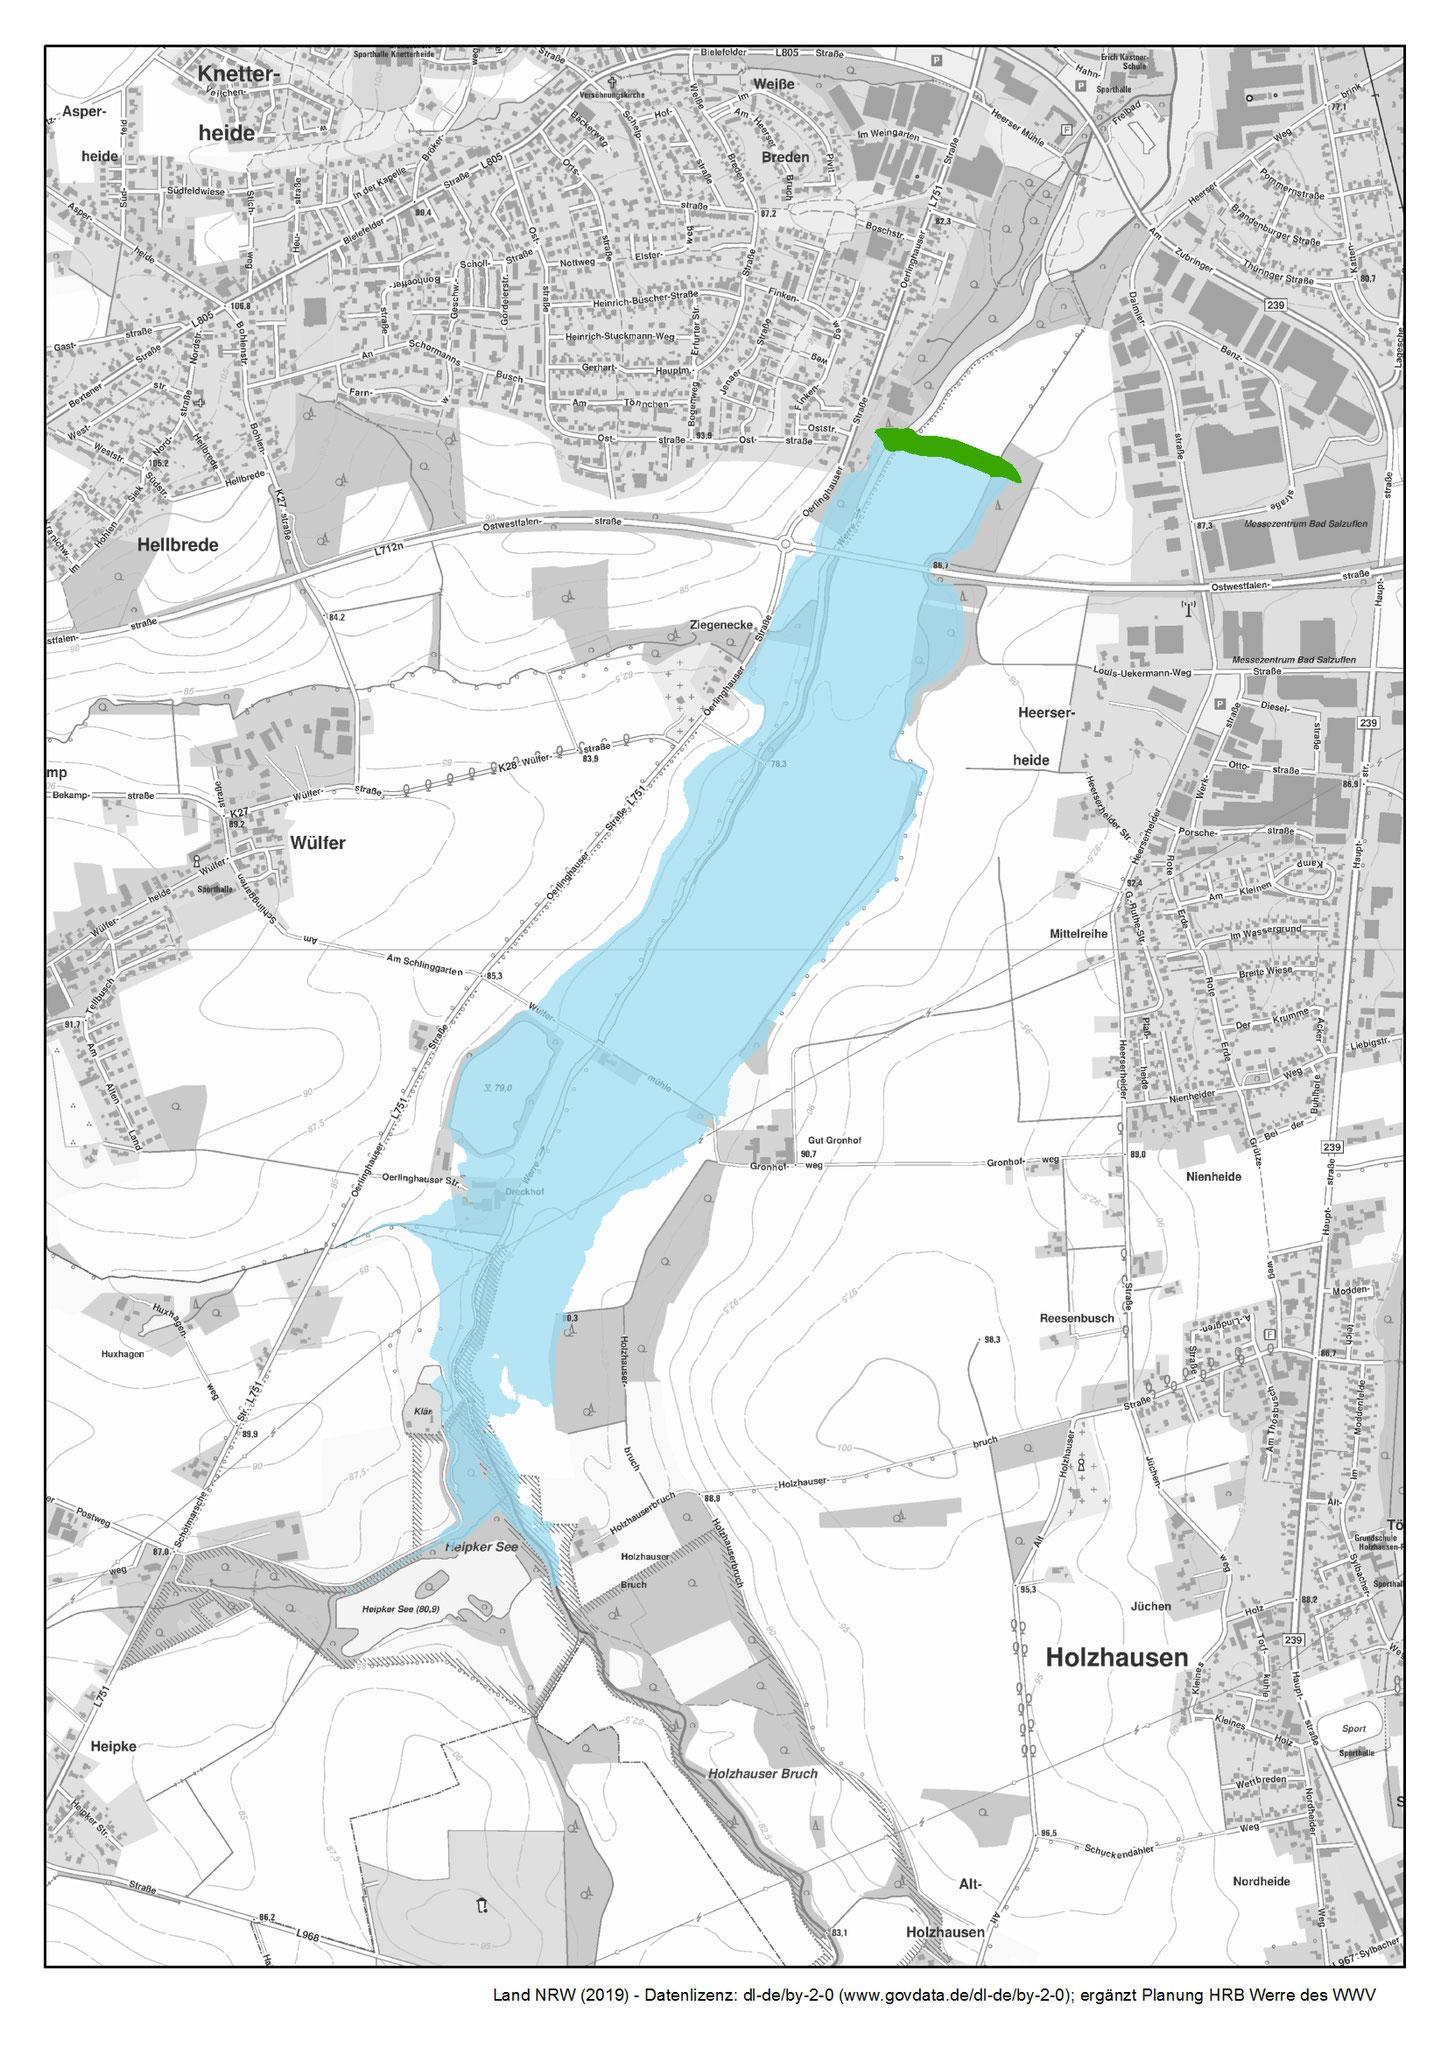 Übersichtslageplan mit Einstaufläche (blau) und Staudamm (grün)